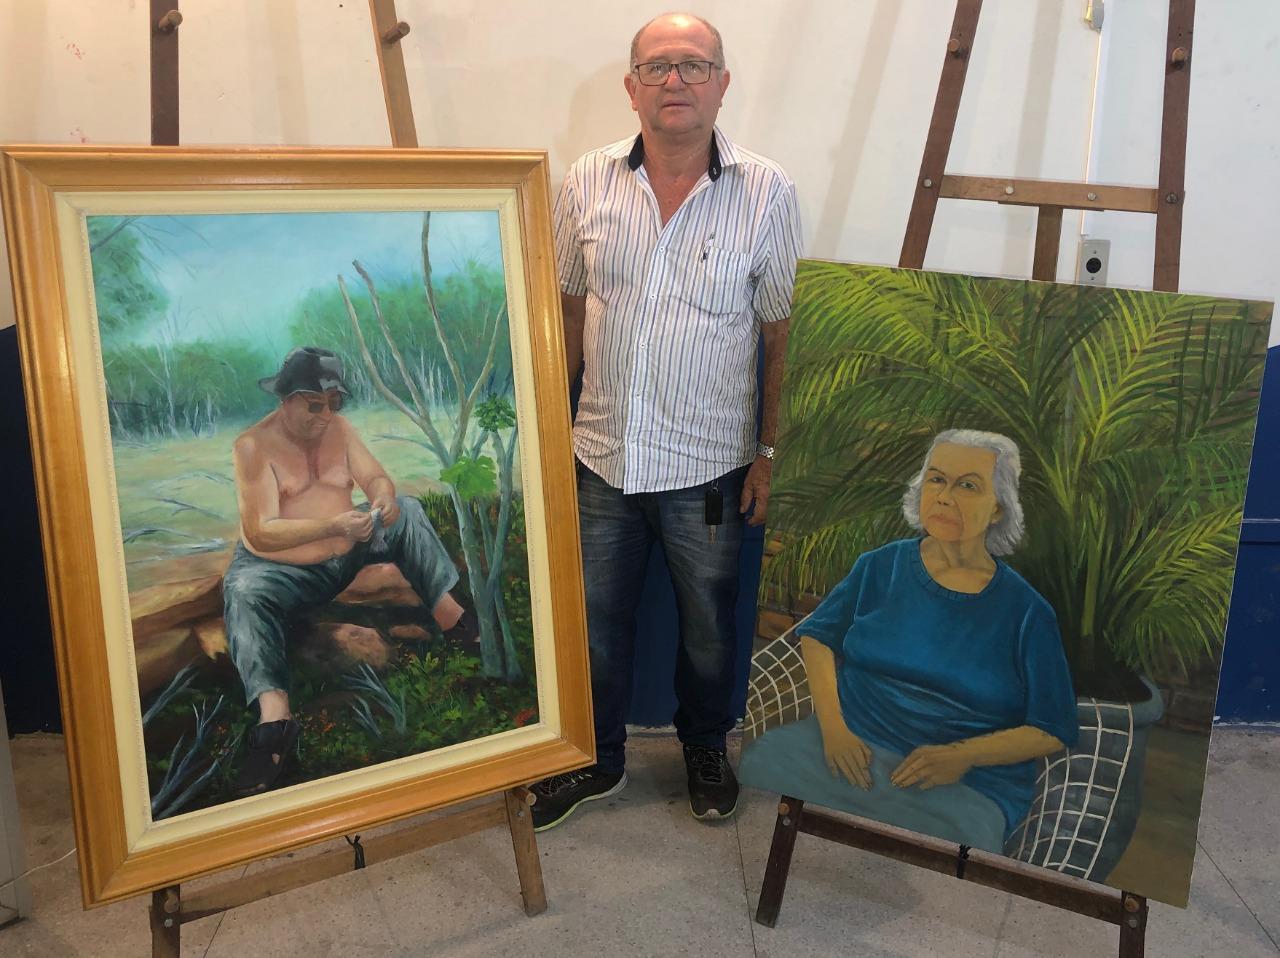 Legenda: O artista Joelson Marinho Lins e as suas duas obras em homenagem aos seus pais. Foto: Nielson Santos